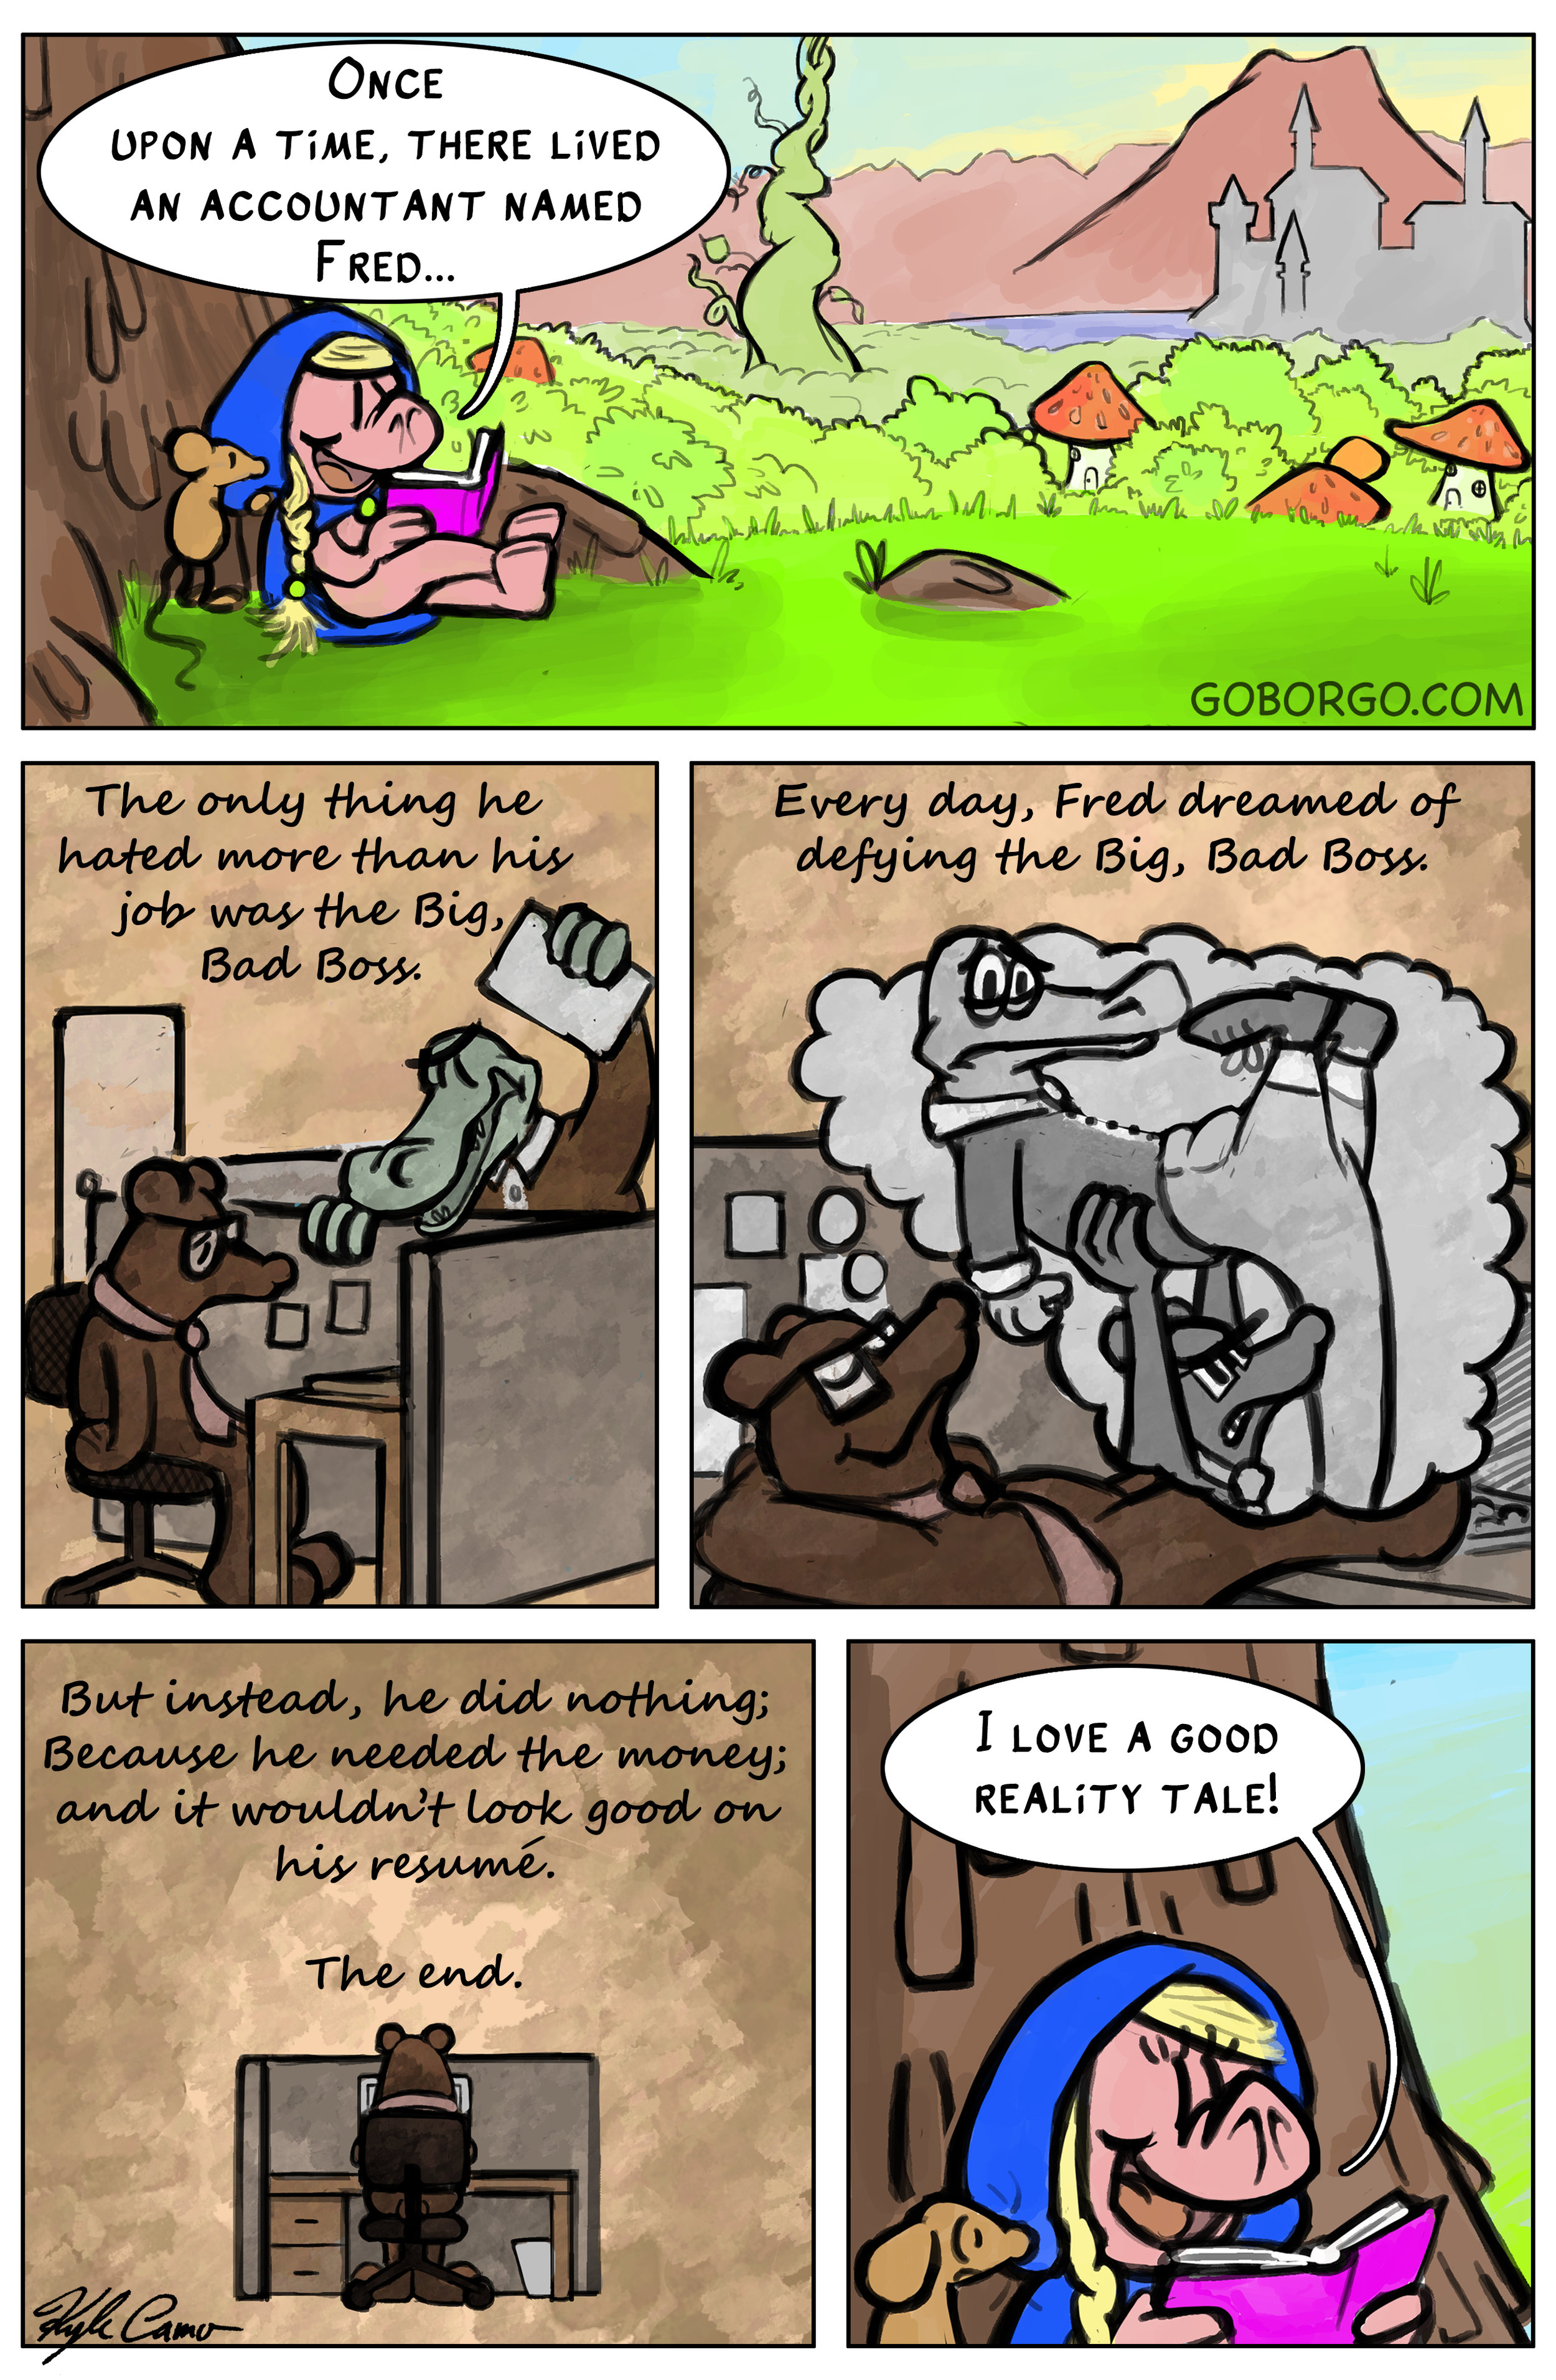 Reality Tale.jpg